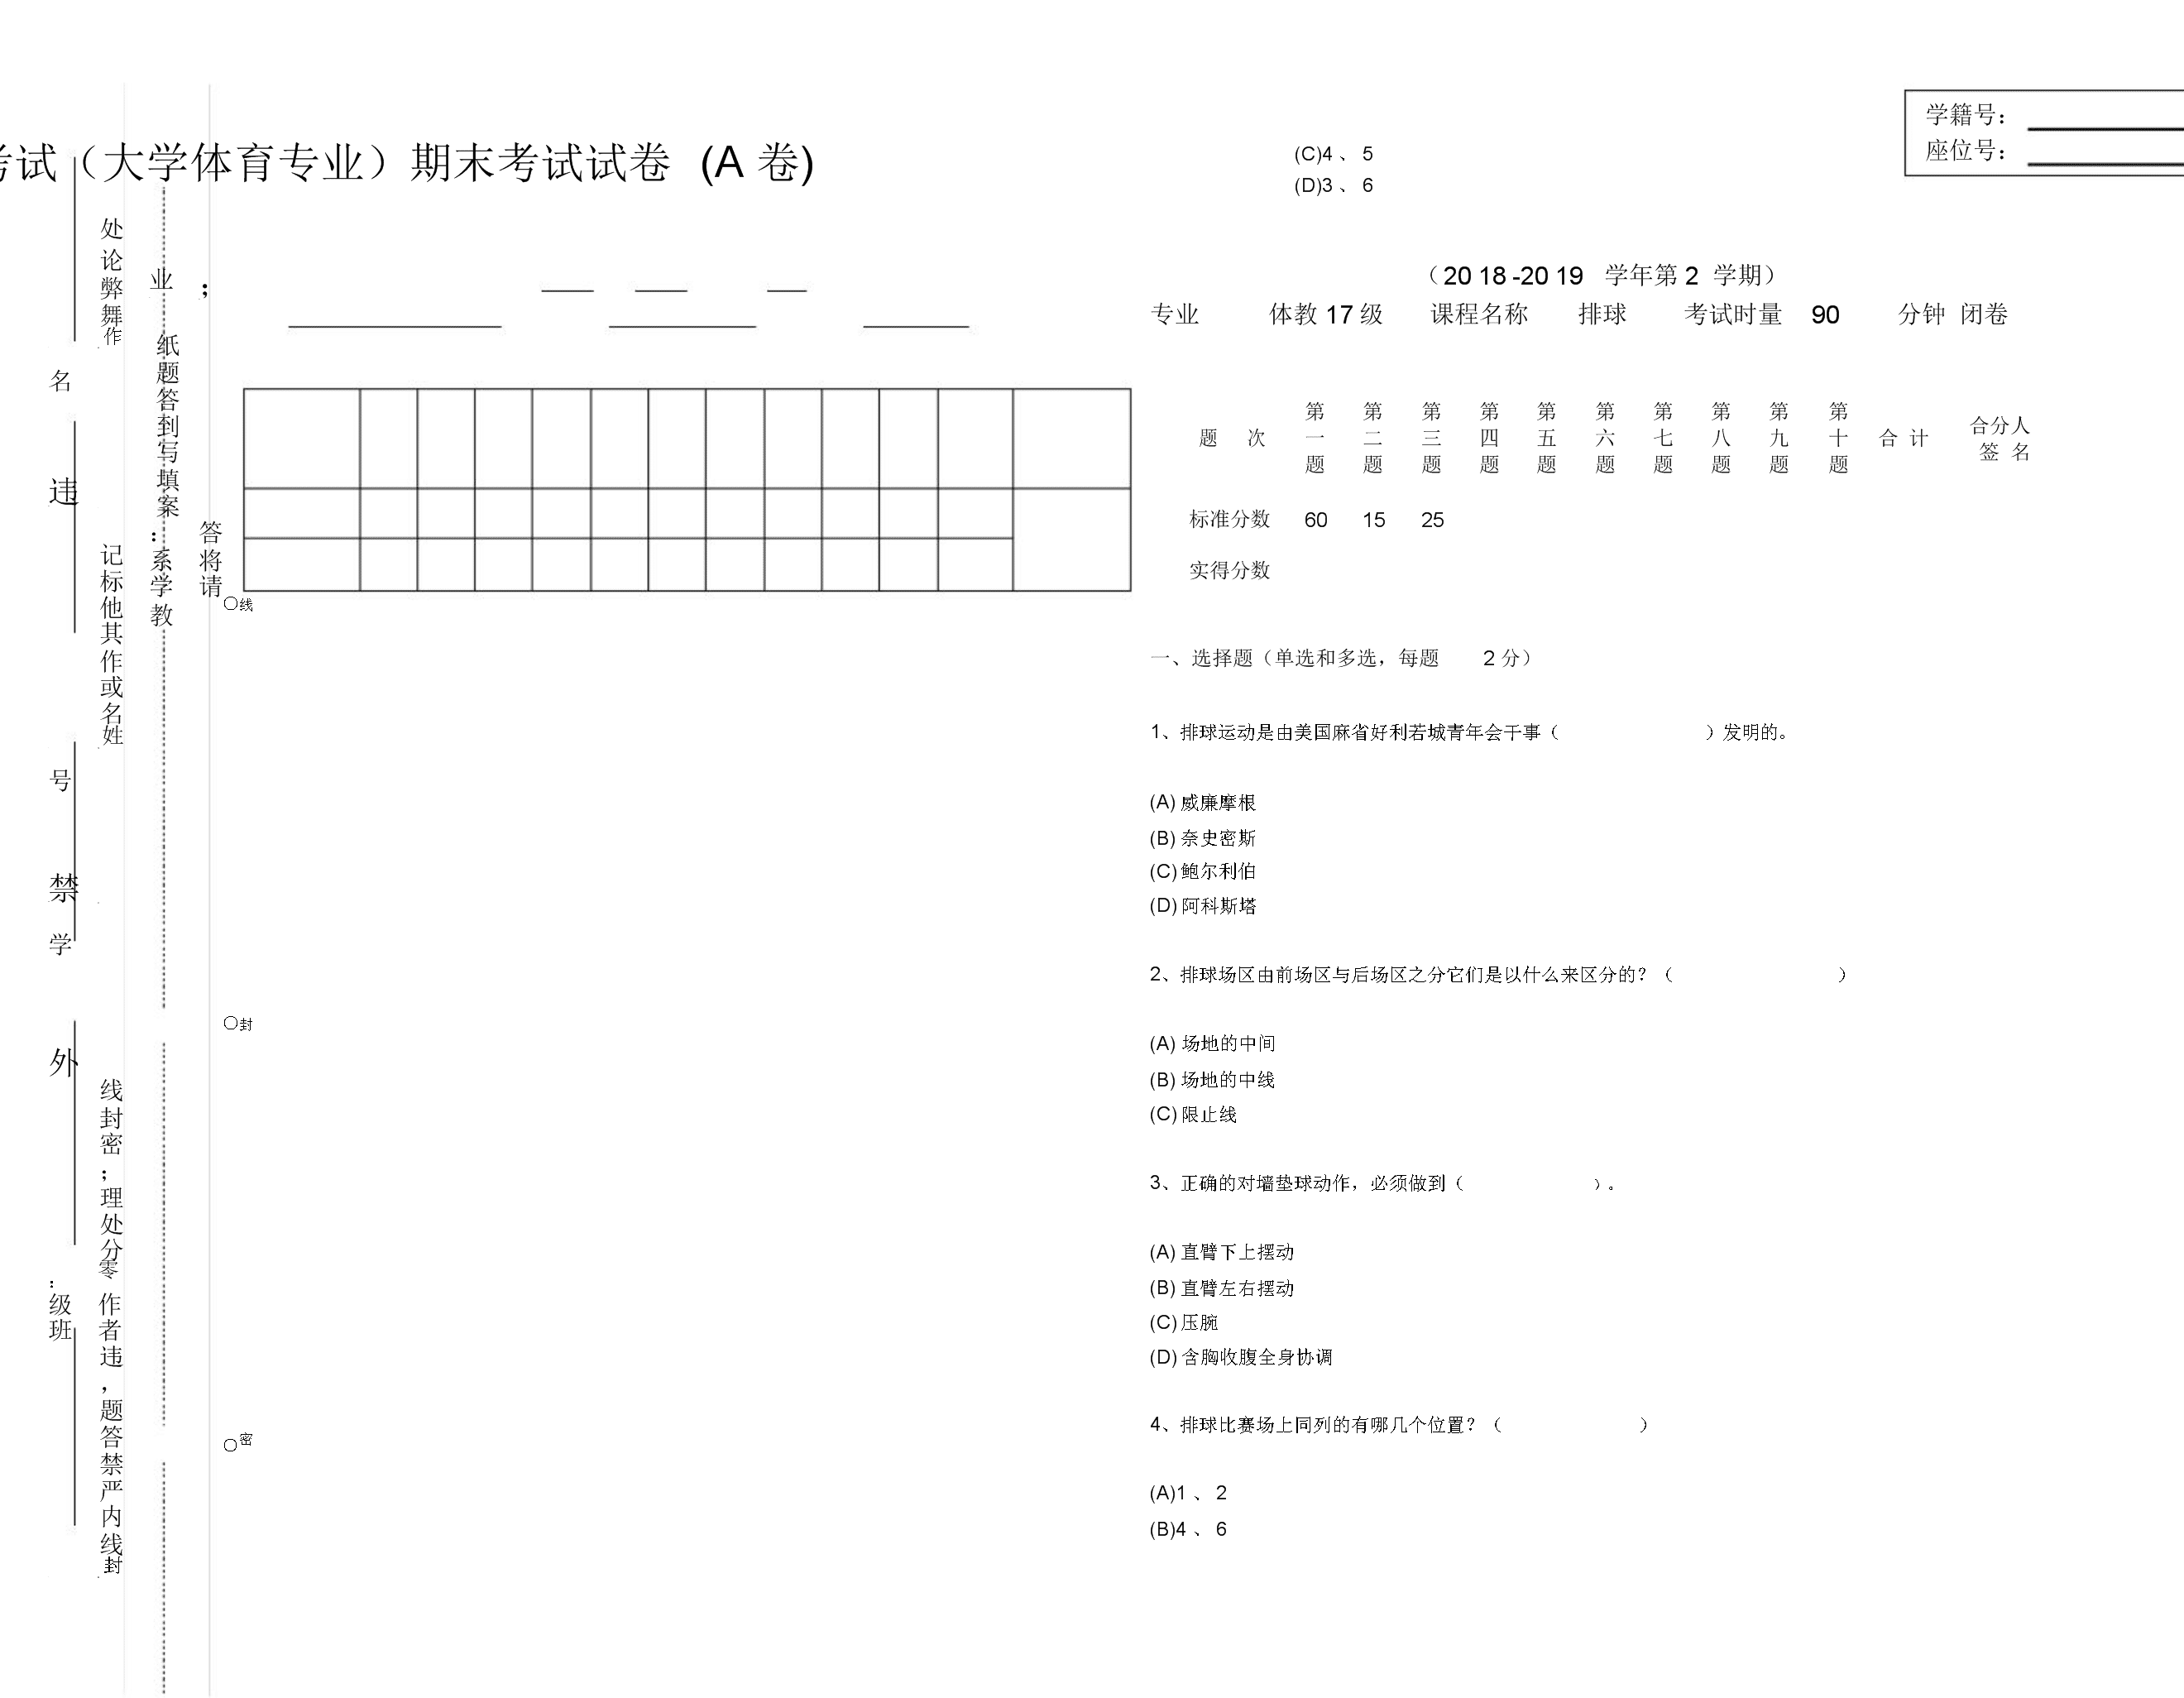 (完整版)排球理论考试(大学体育专业)A卷及答案.docx